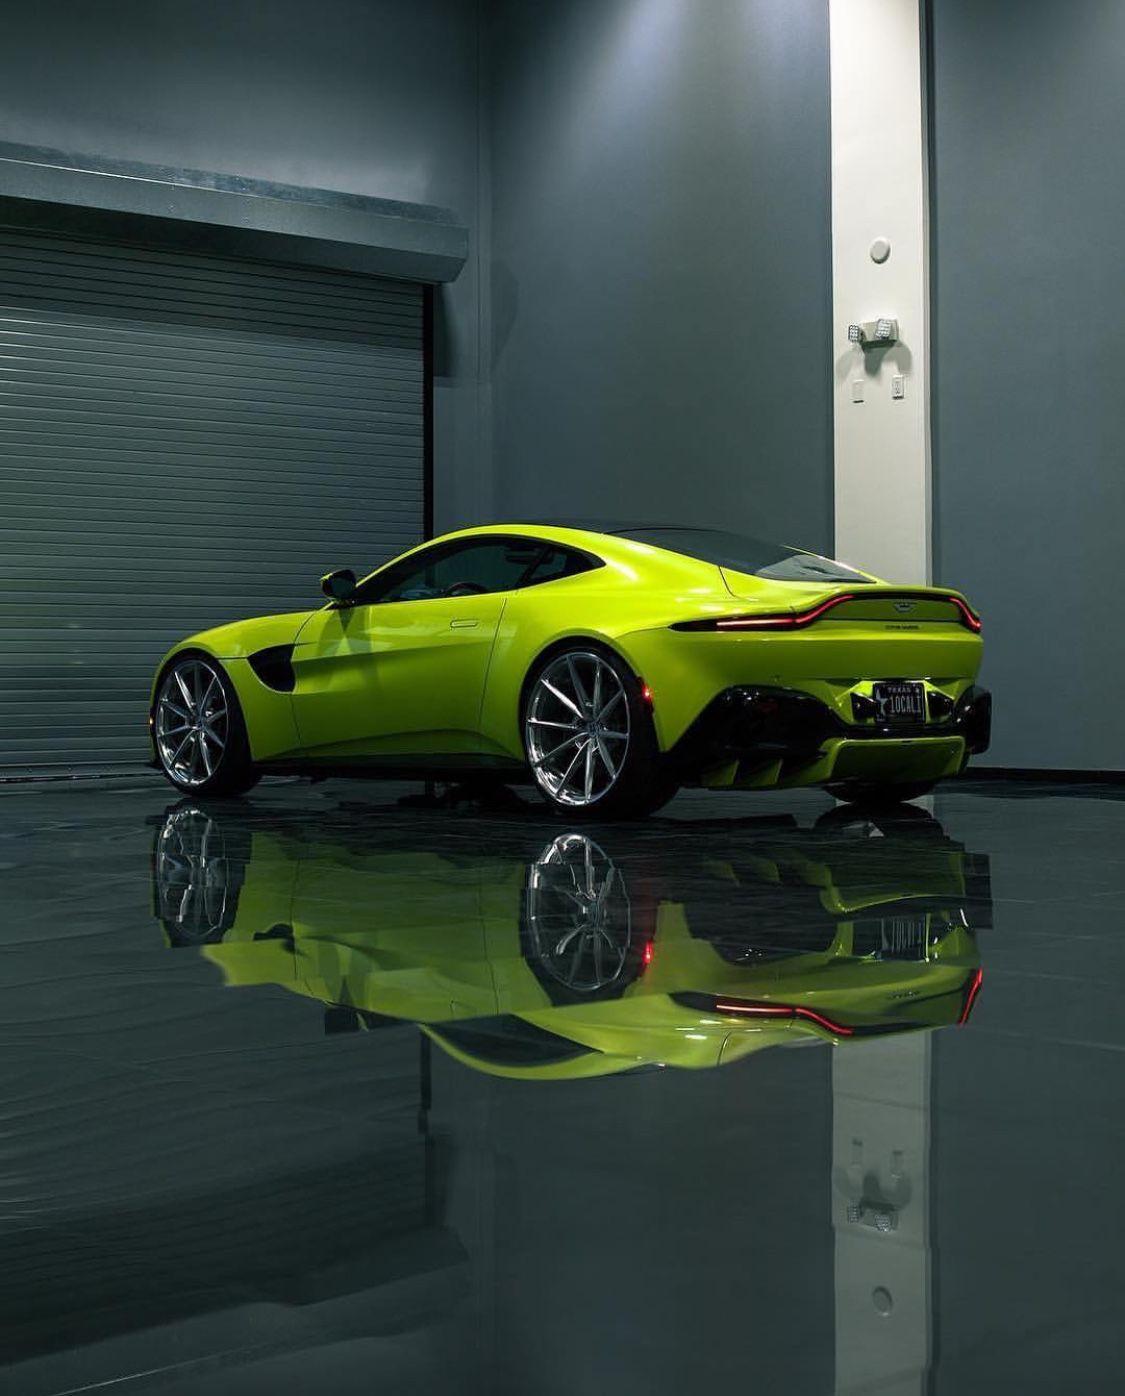 Aston Martin Vantage Sports Cars Luxury Luxury Cars Aston Martin